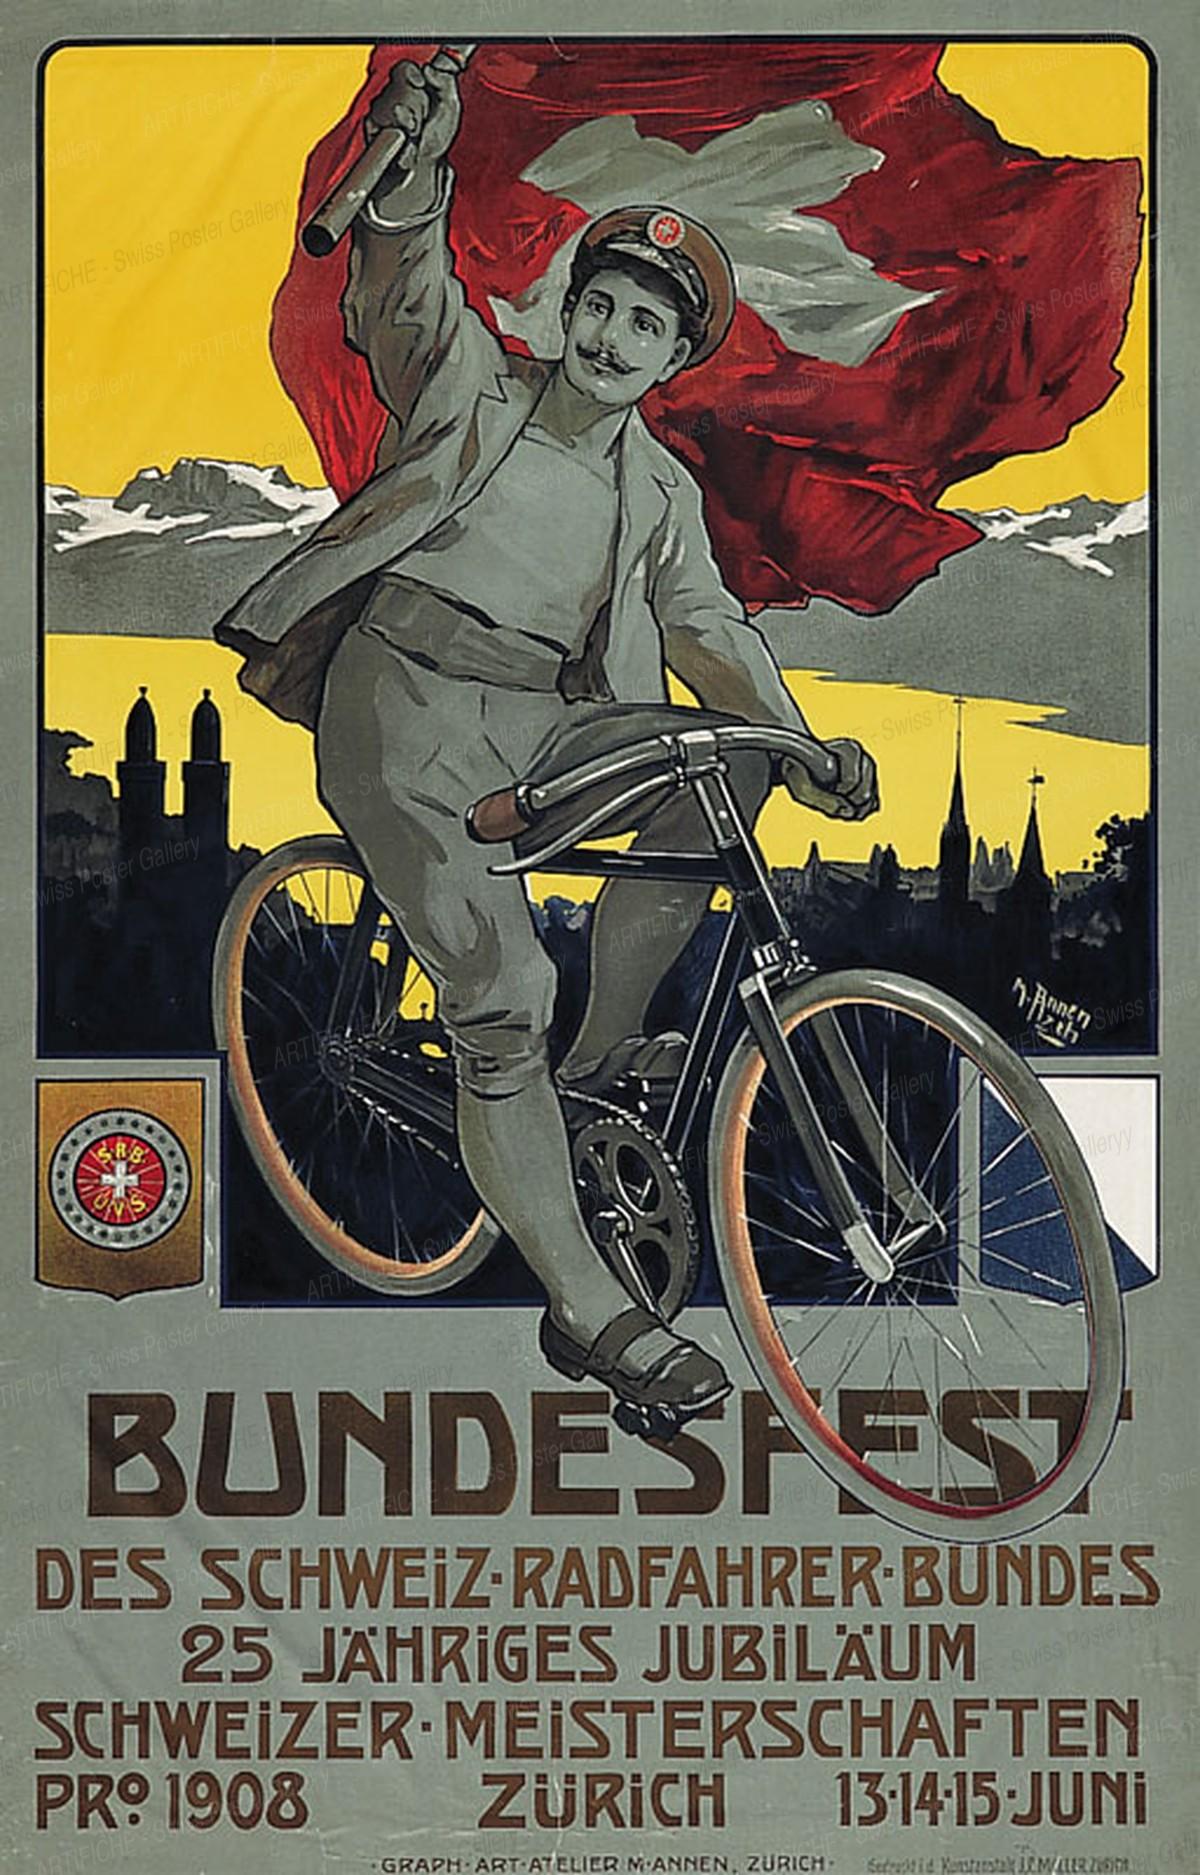 Bundesfest des Schweiz. Radfahrer-Bundes – Schweizer Meisterschaften – Zürich, Melchior Annen